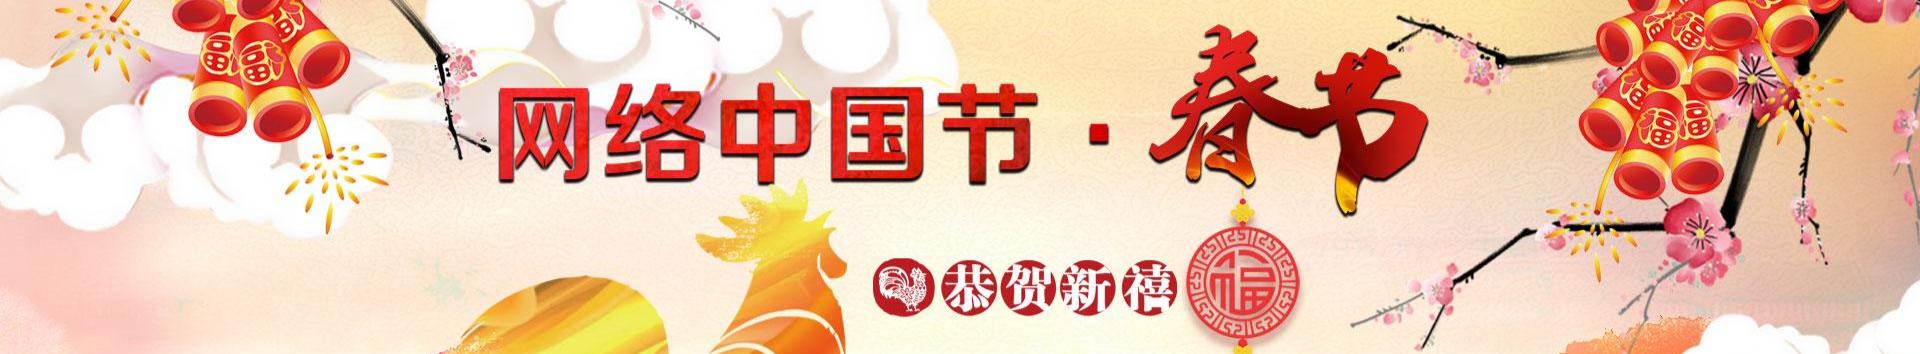 網絡中國節·春節